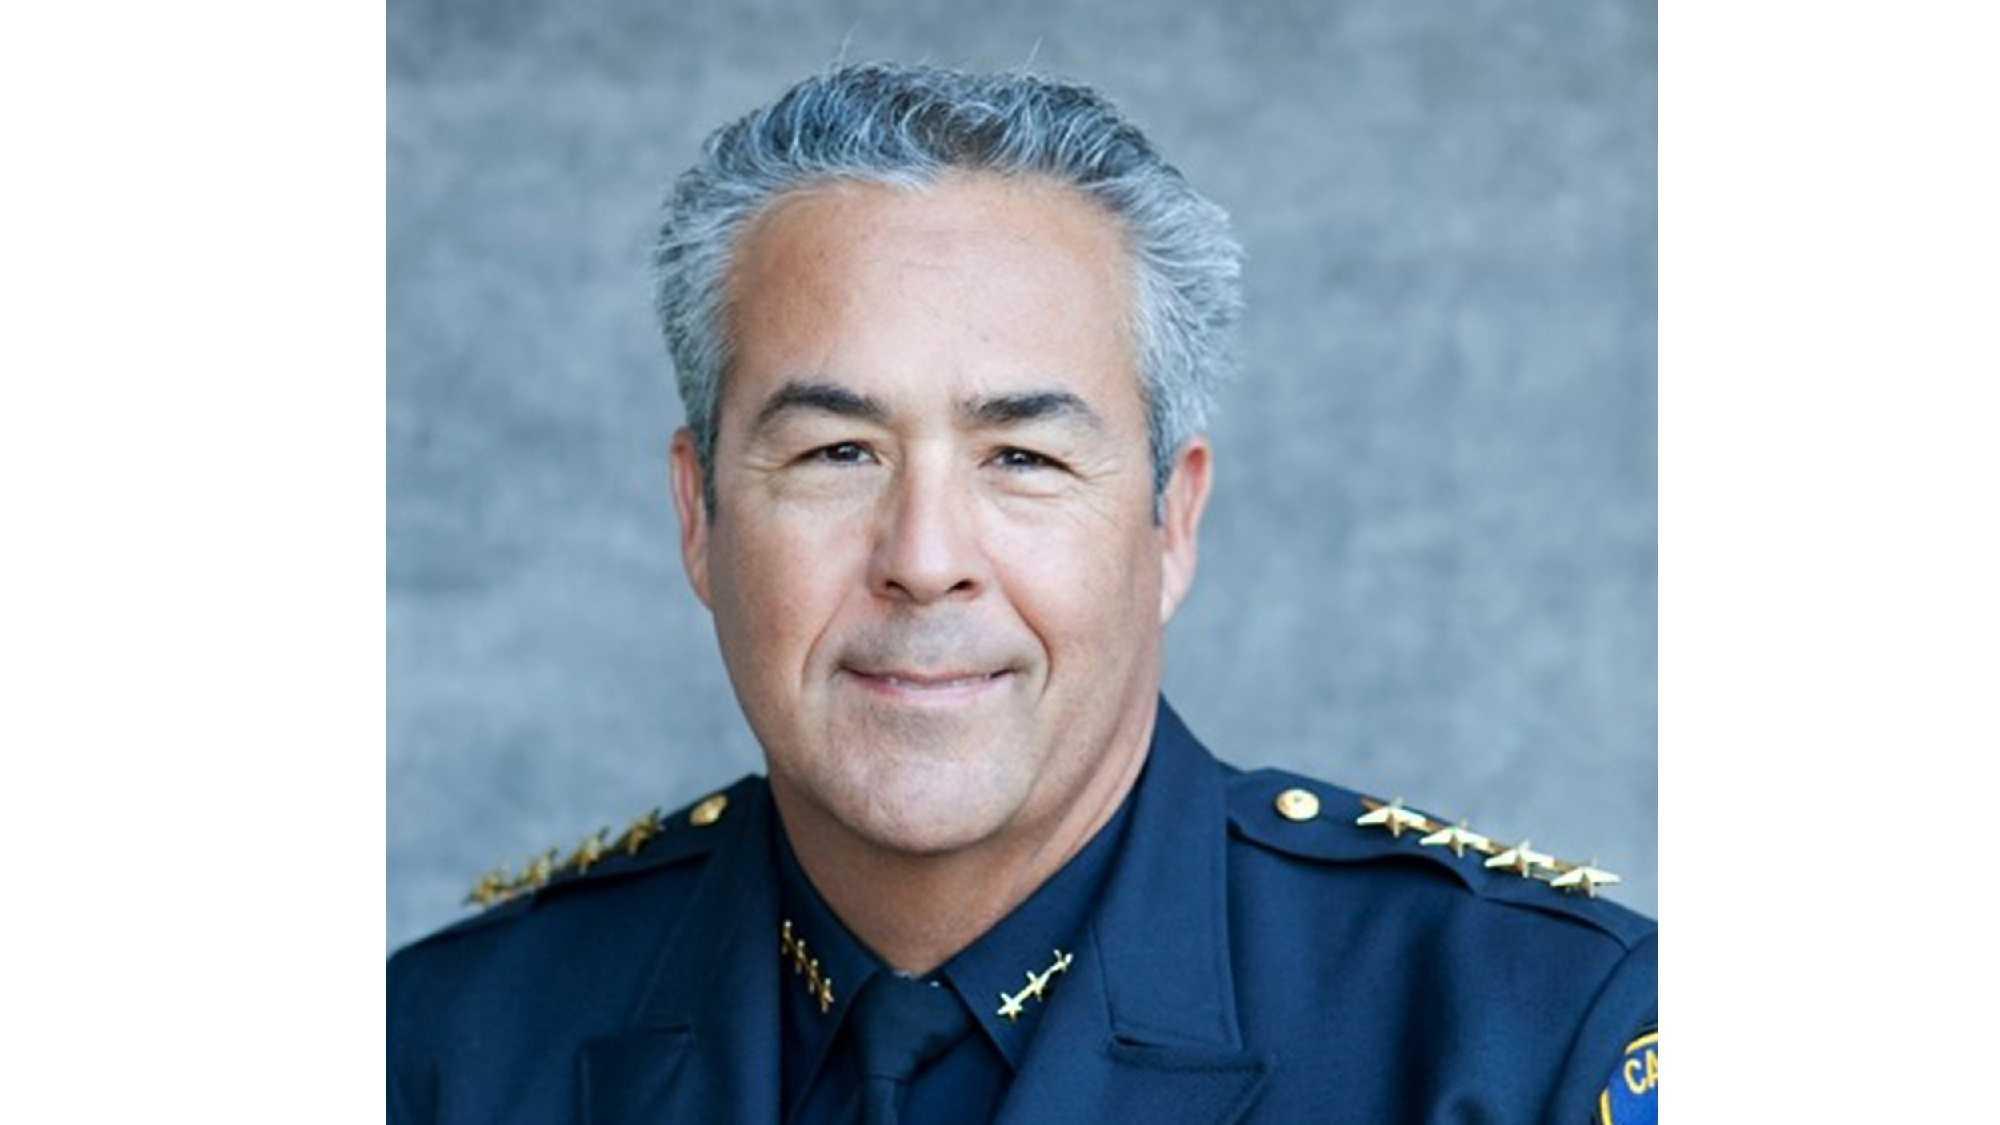 Capitola Police Chief Rudy Escalante